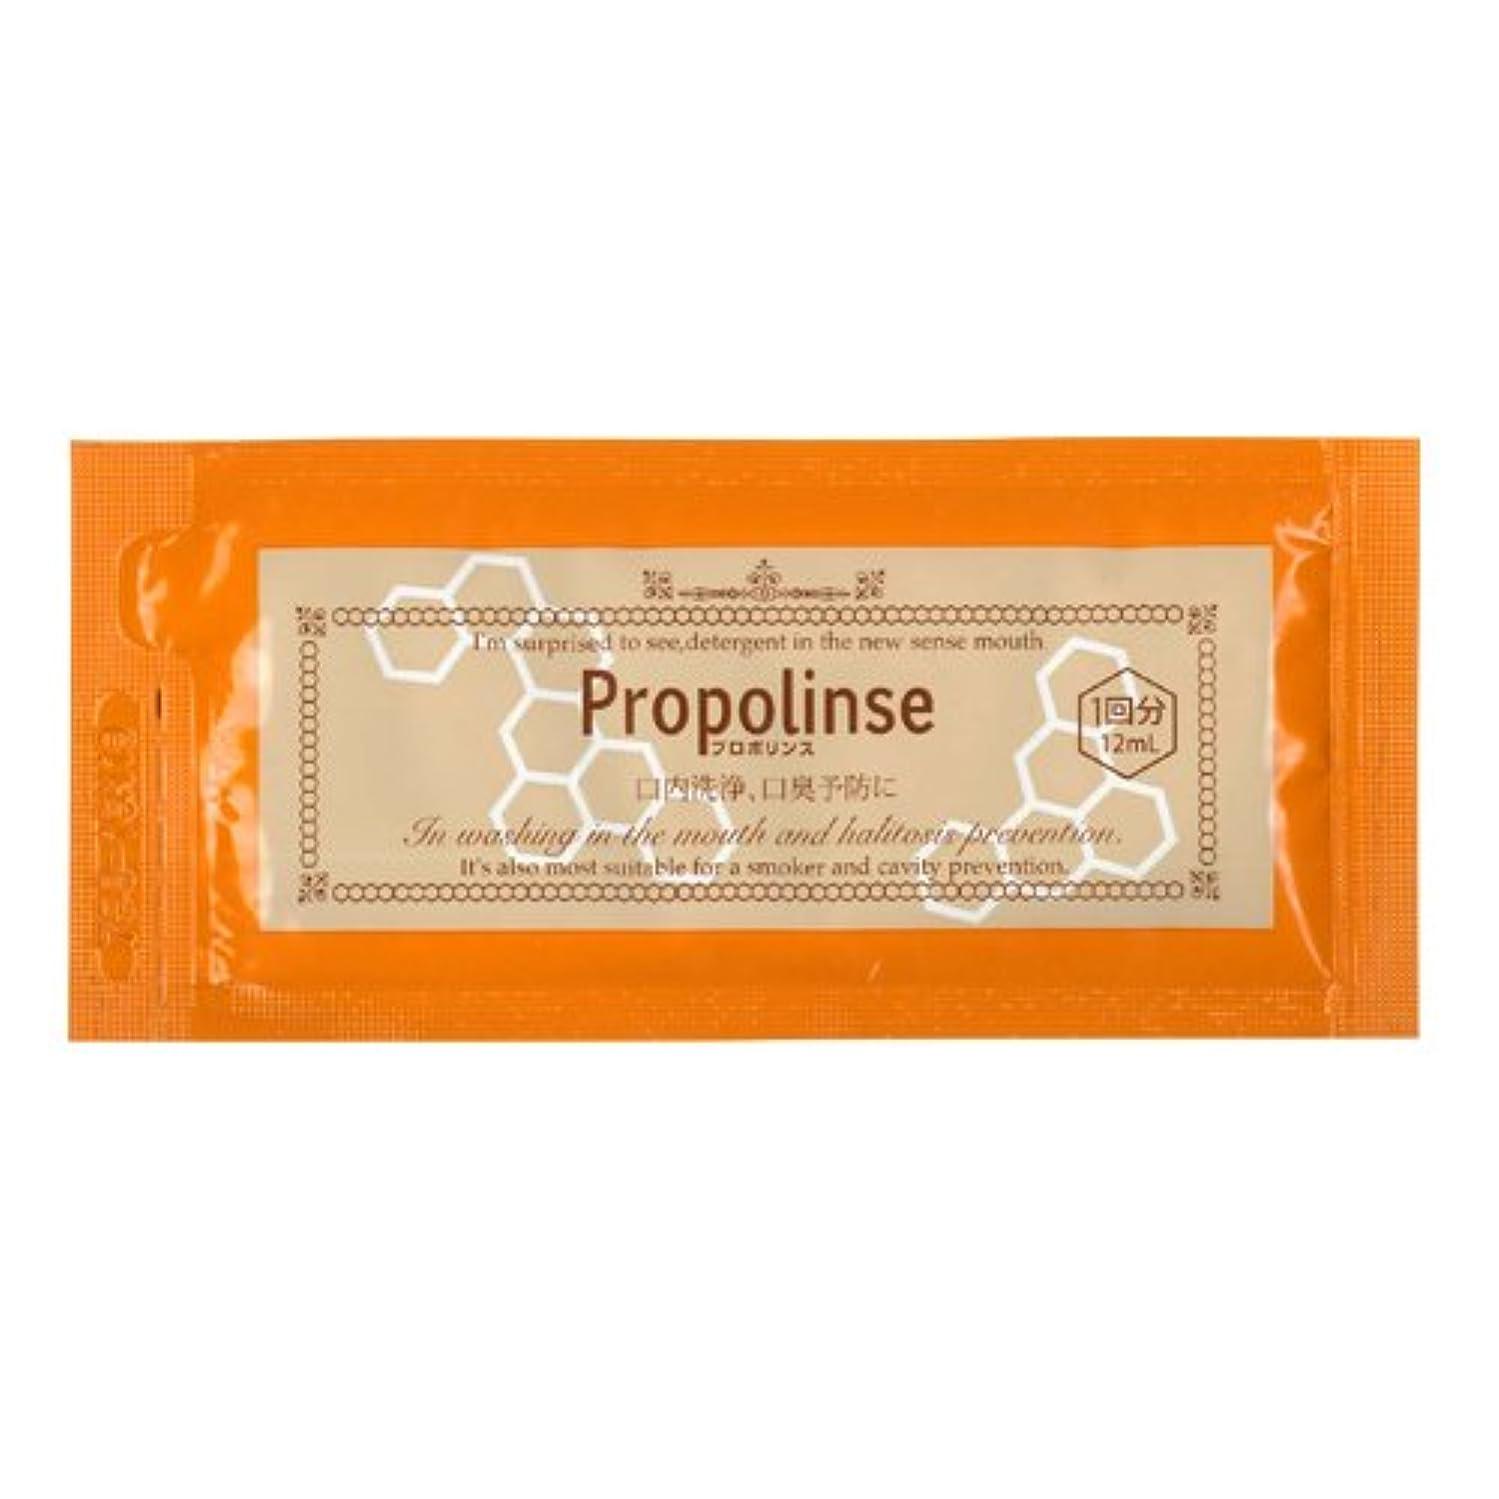 ピザ不十分風刺プロポリンス ハンディパウチ 12ml(1袋)×100袋